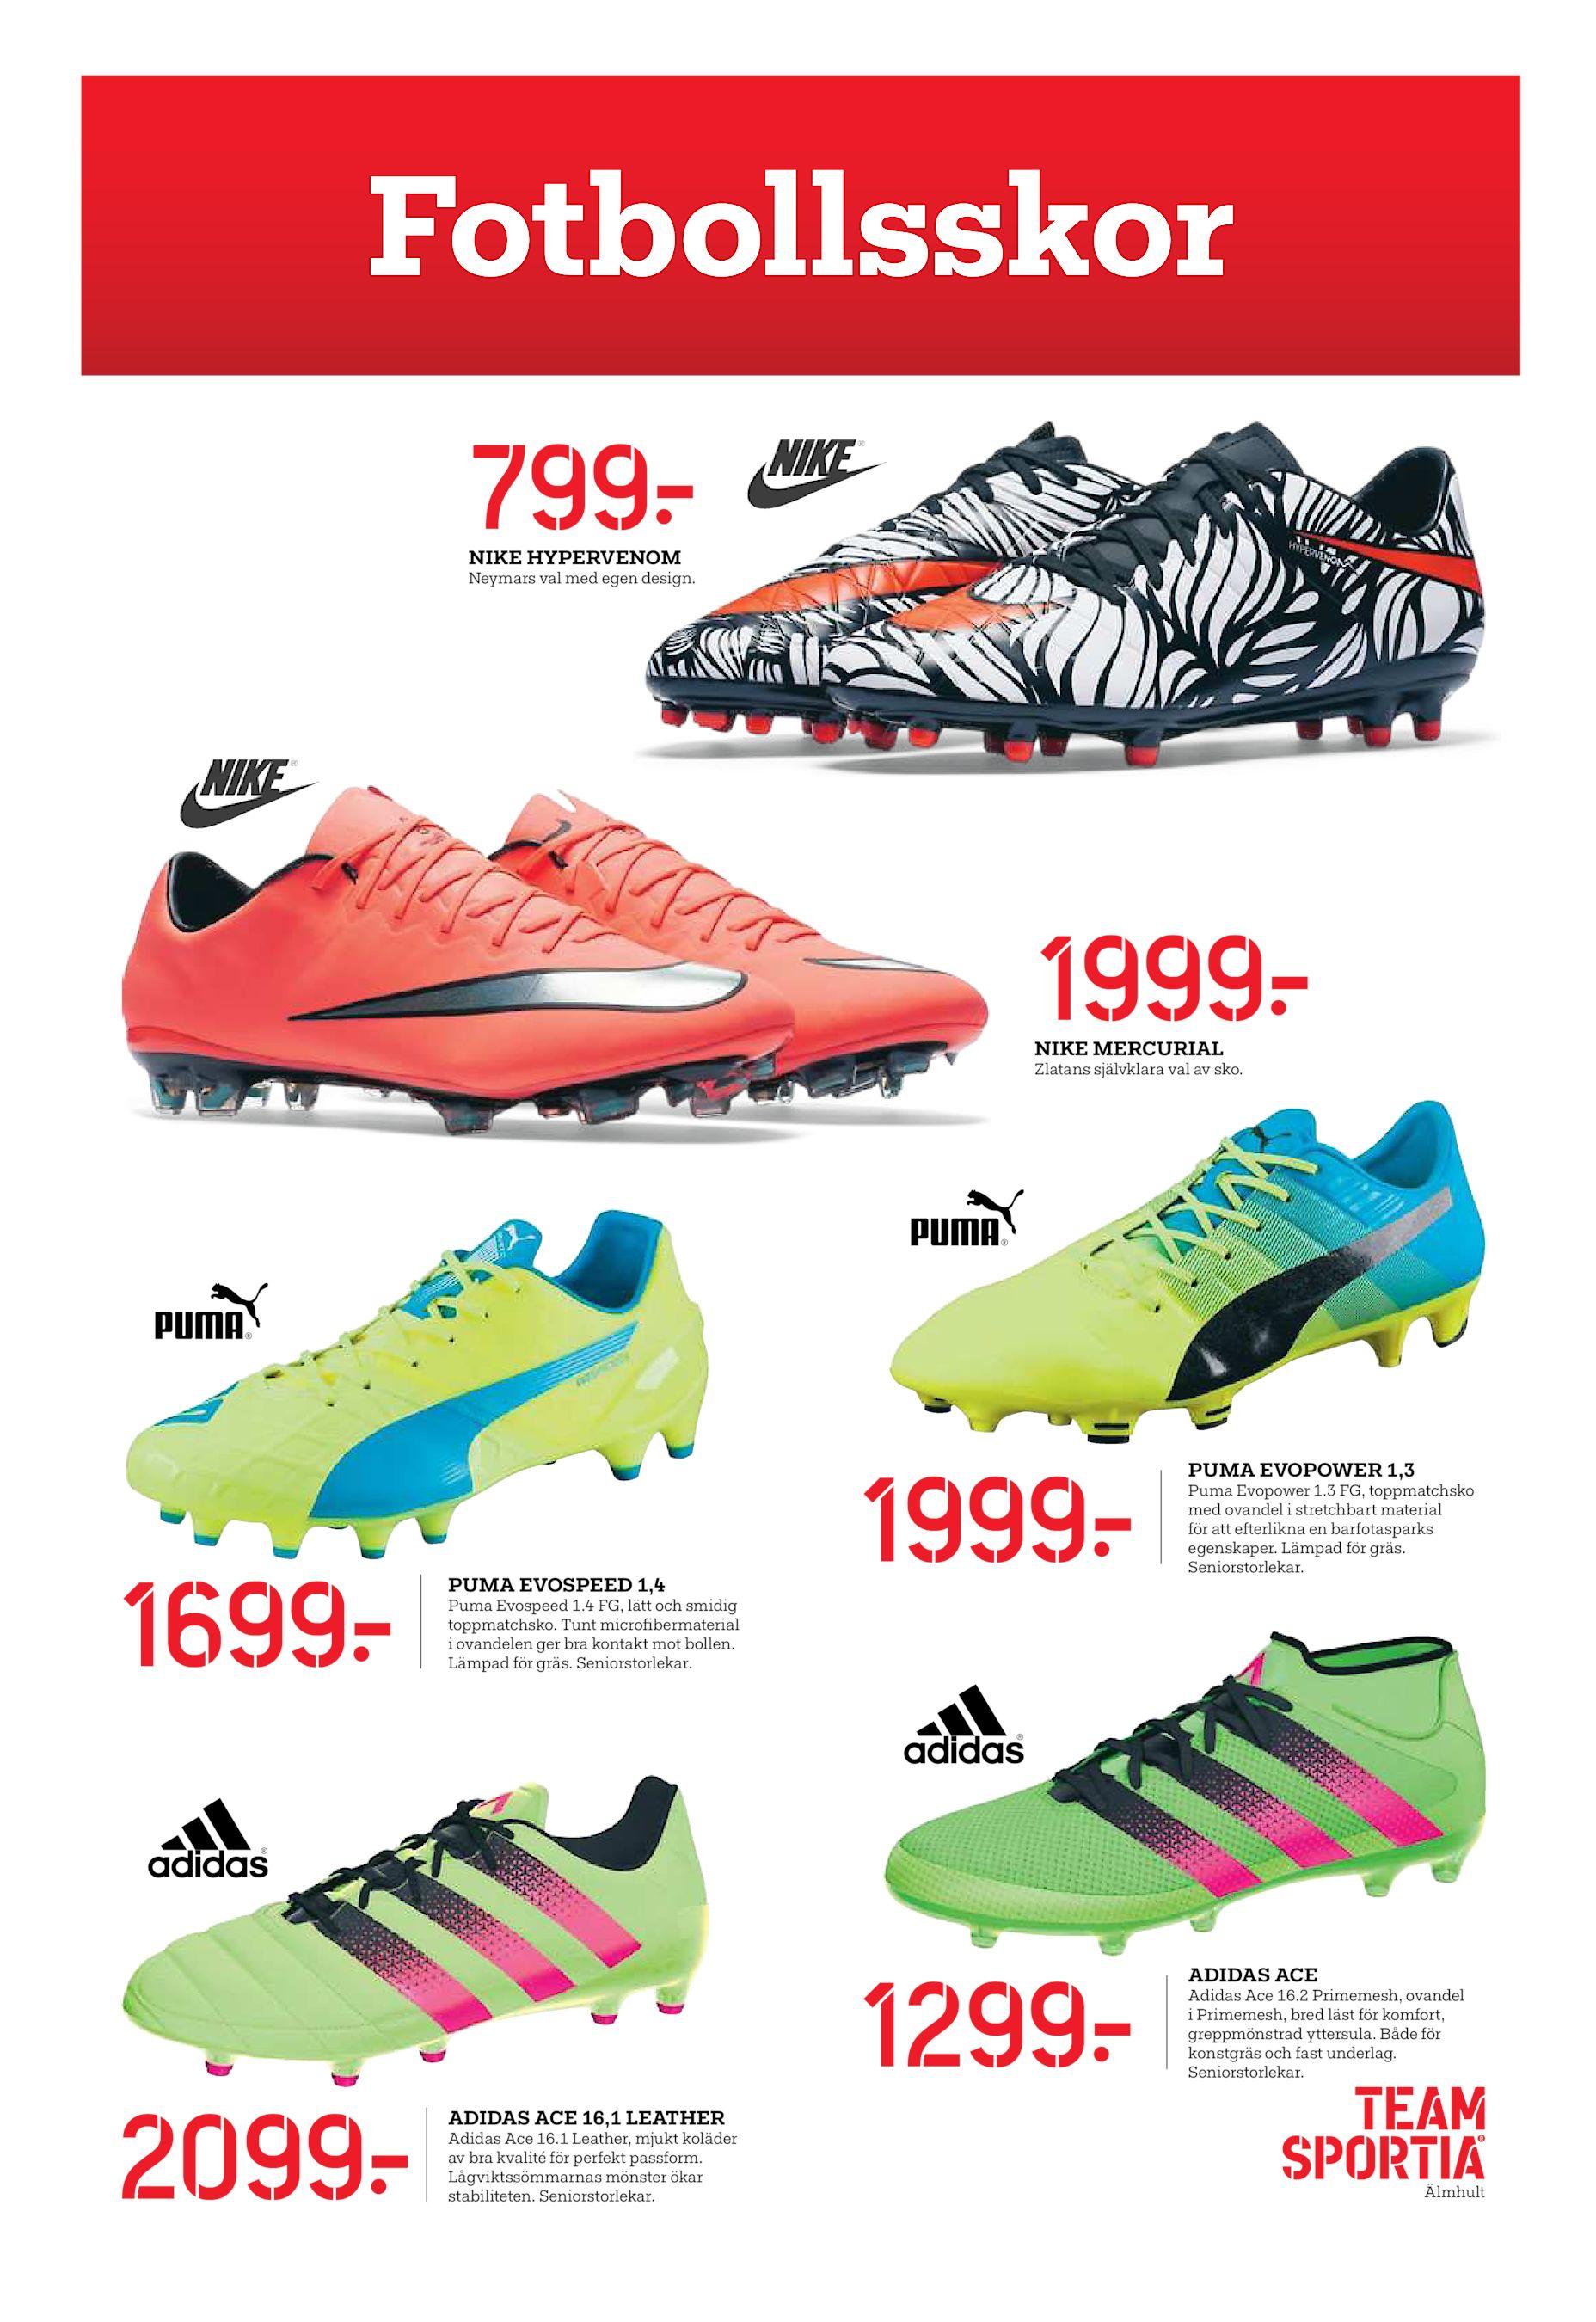 finest selection 96d0e 644b3 1999  NIKE MERCURIAL Zlatans självklara val av sko. 1999  1699  Puma  Evopower 1.3 FG, toppmatchsko med ovandel i stretchbart material för att  eterlikna ...